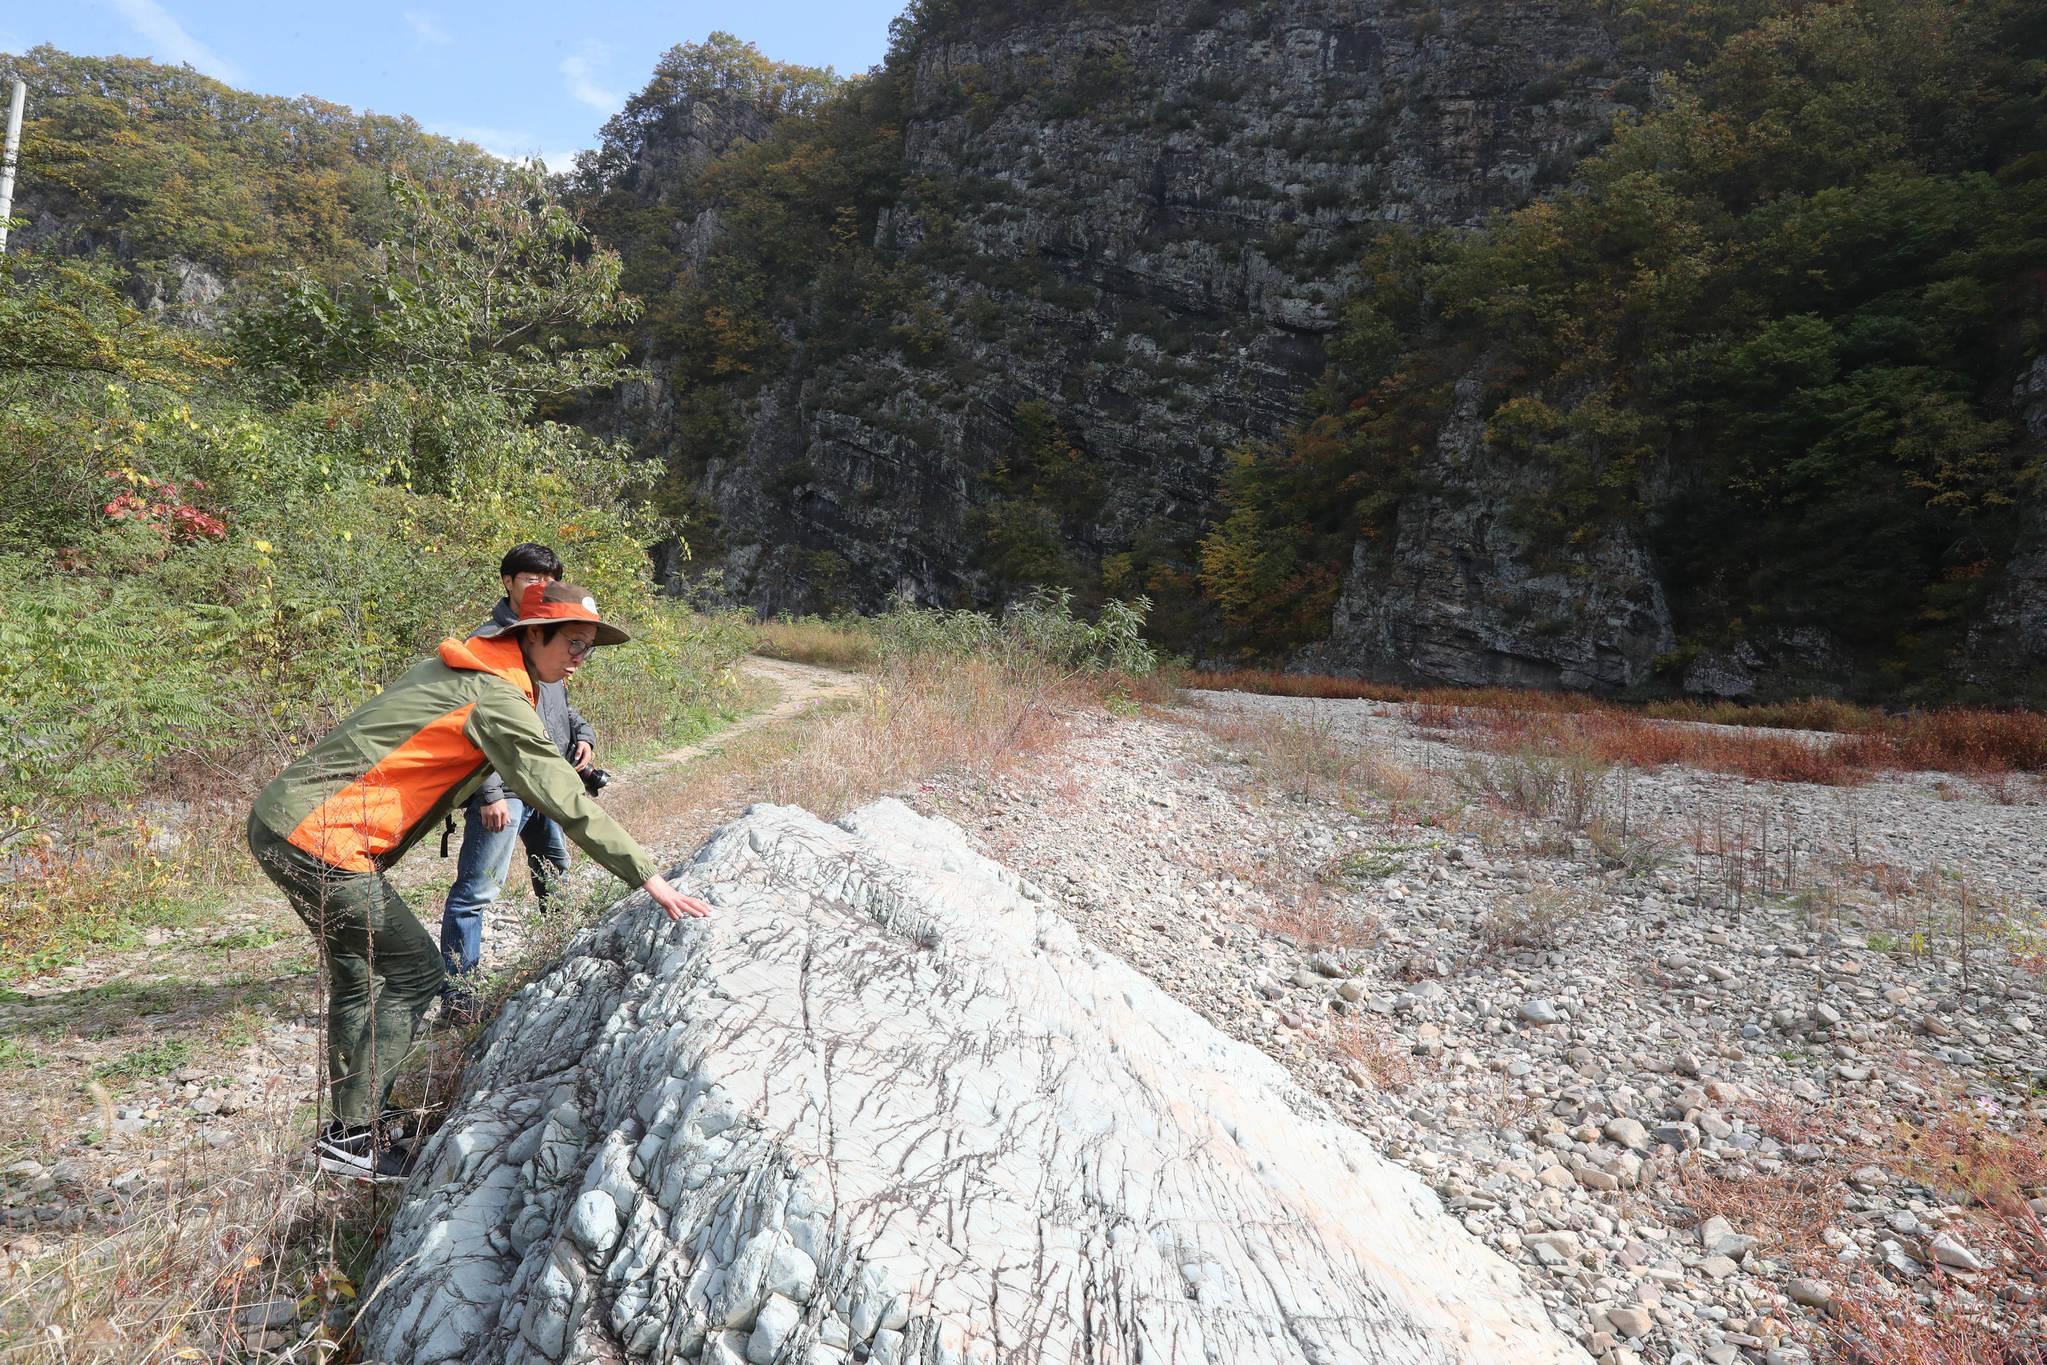 길안천 주변에는 어디선가 굴러 떨어진 퇴적암 바위도 볼 수 있다. 밀가루보다 고운 사암으로 이뤄진 바위. 신인섭 기자